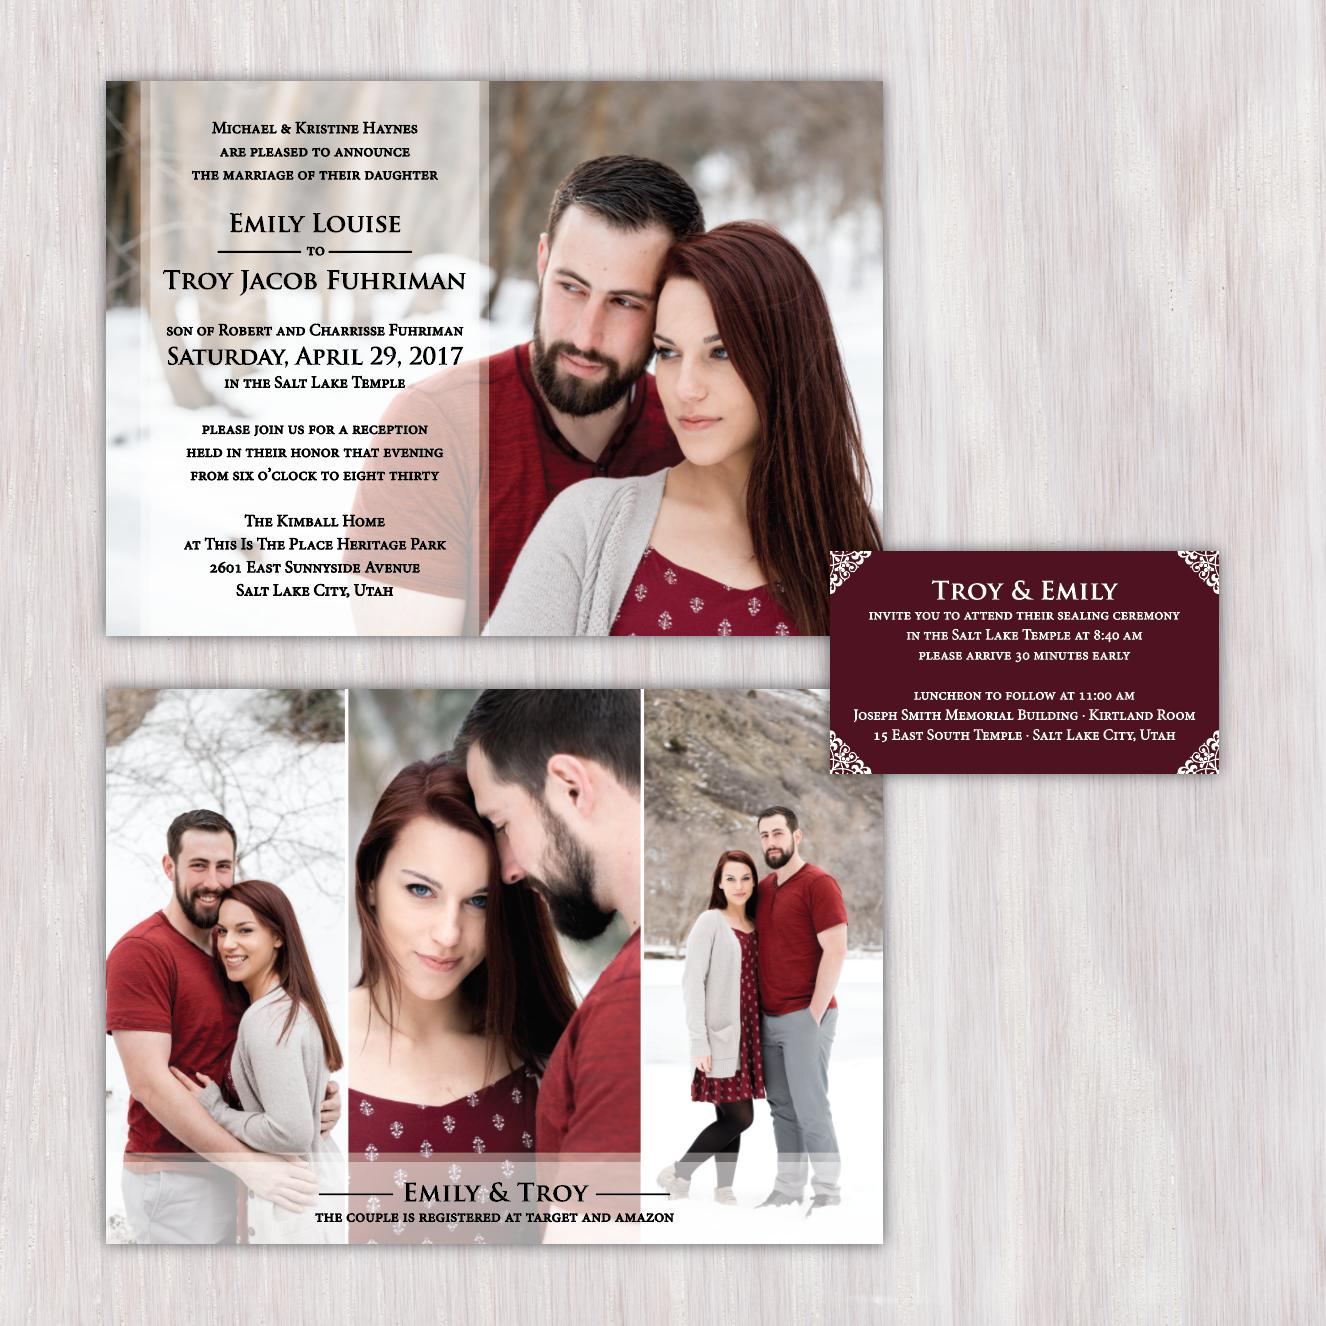 photo wedding invitation text overlay photo collage embellished